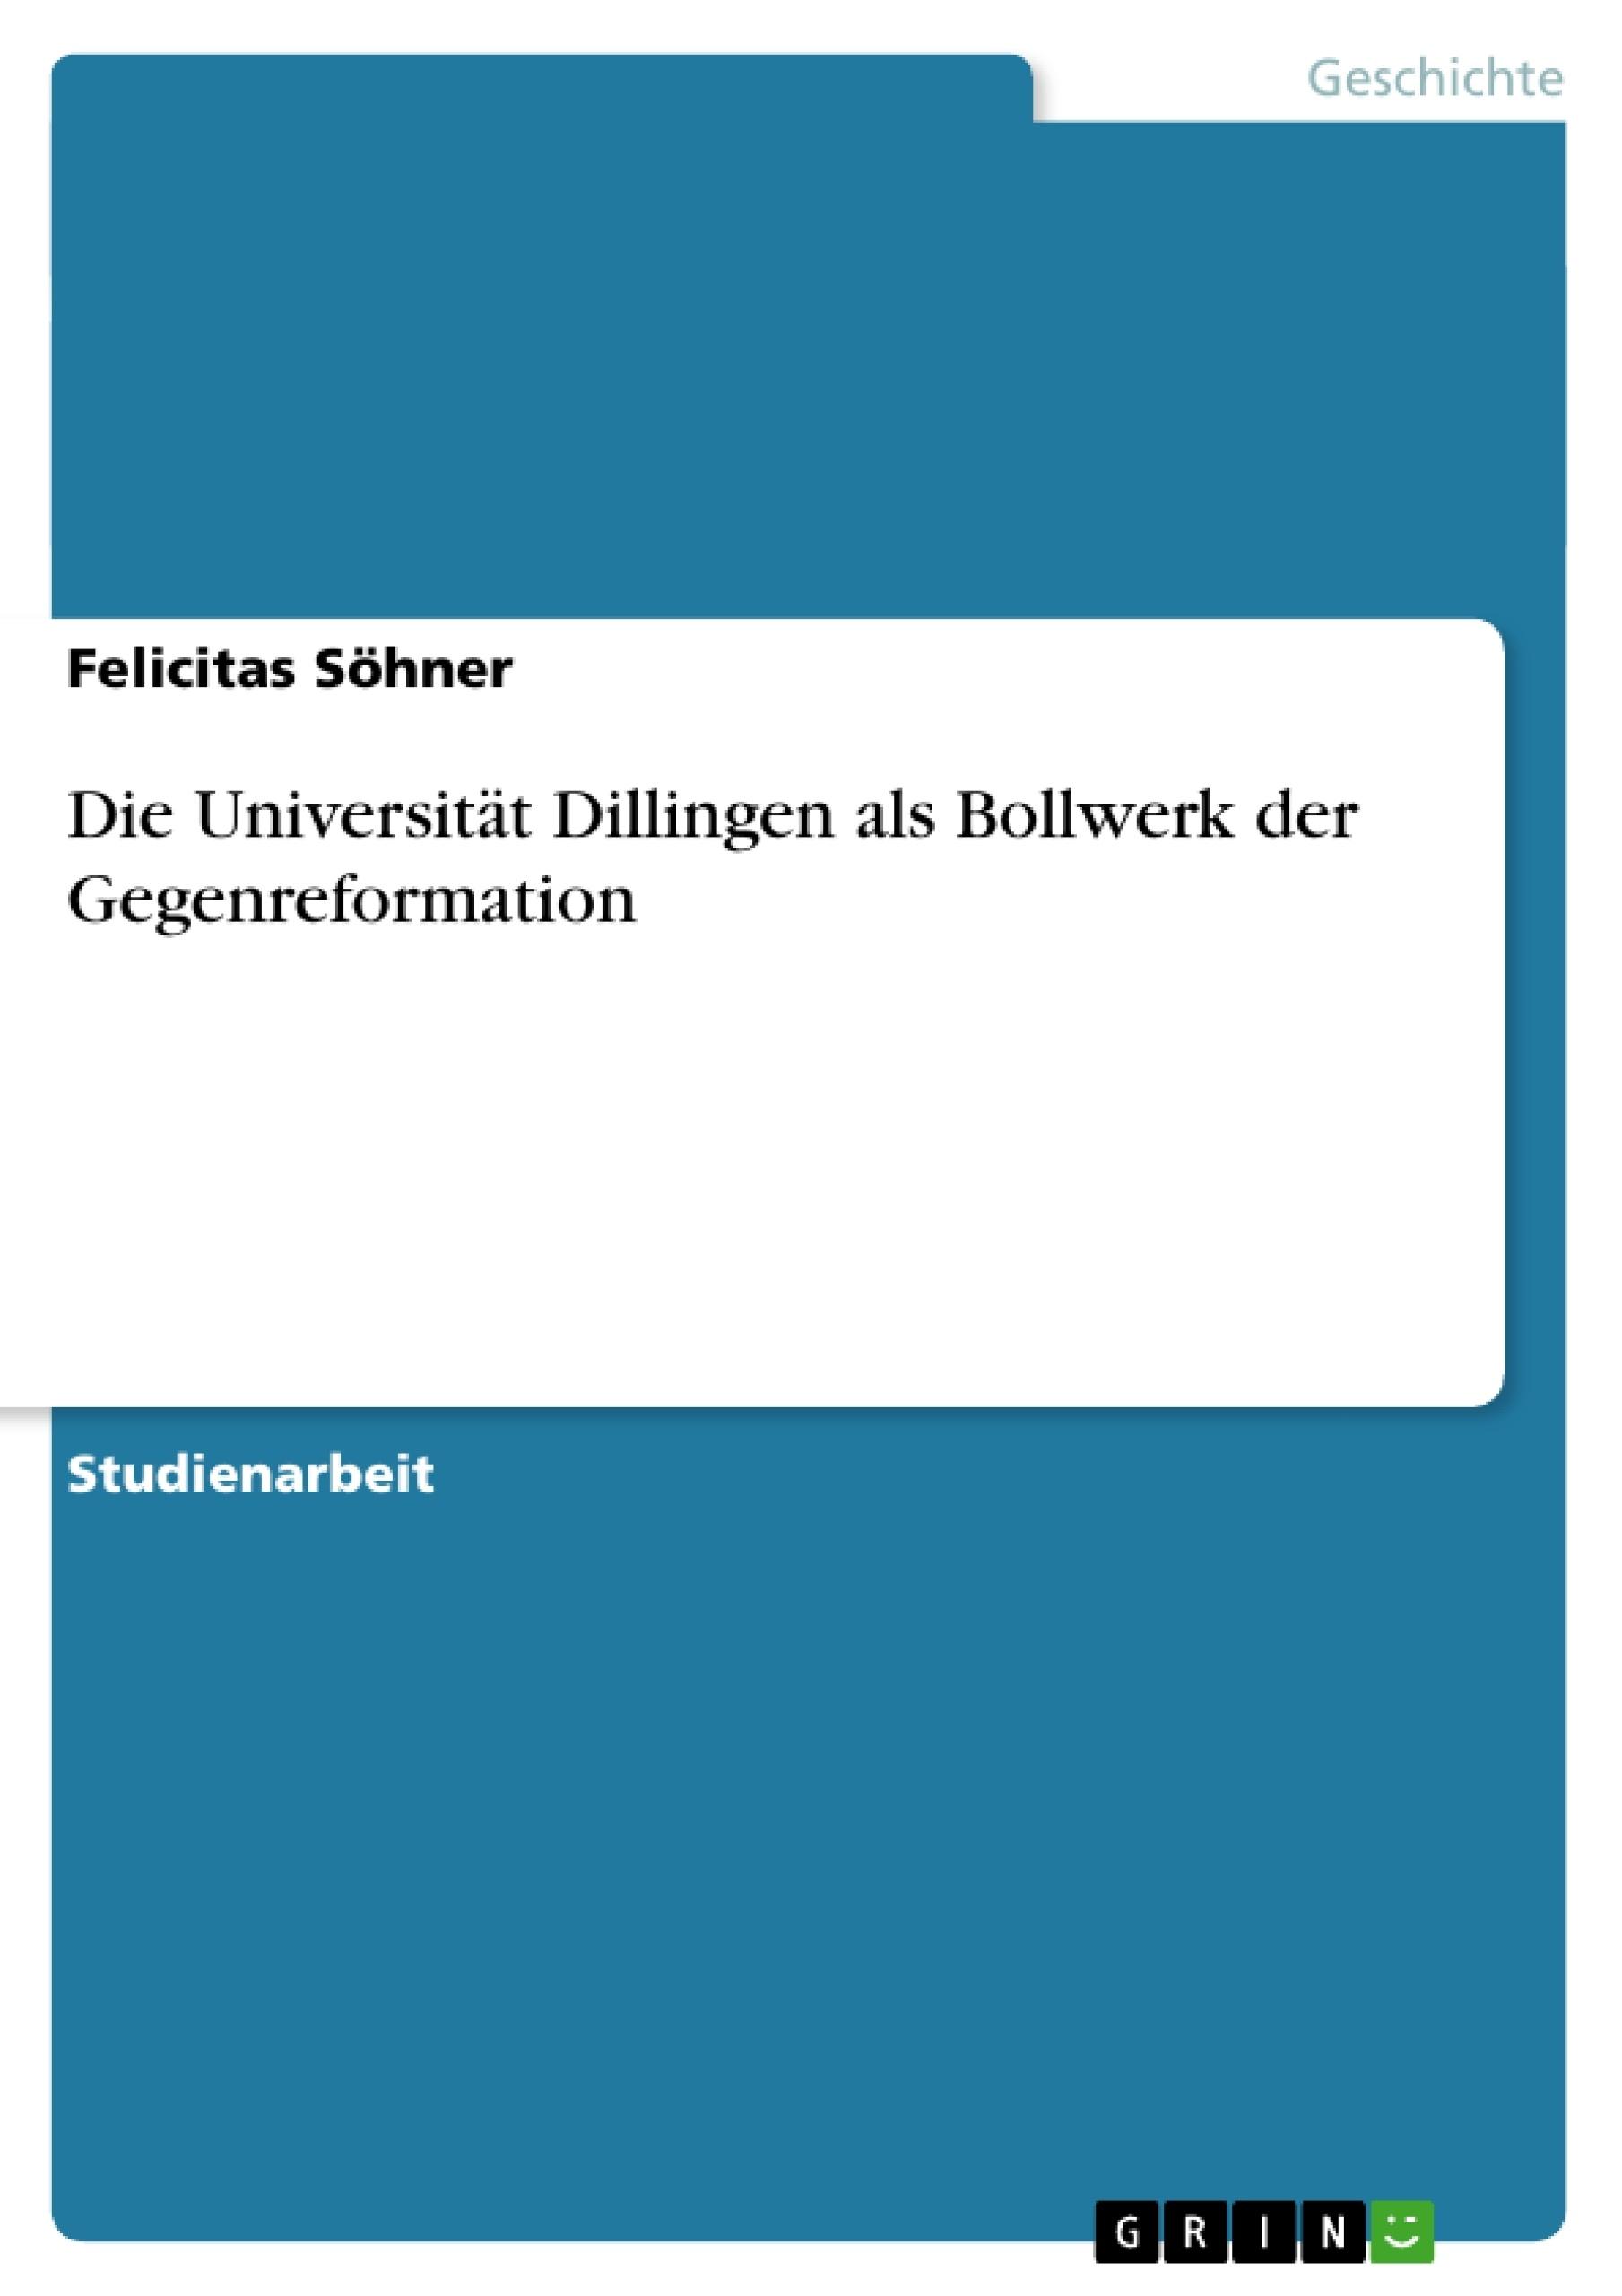 Titel: Die Universität Dillingen als Bollwerk der Gegenreformation